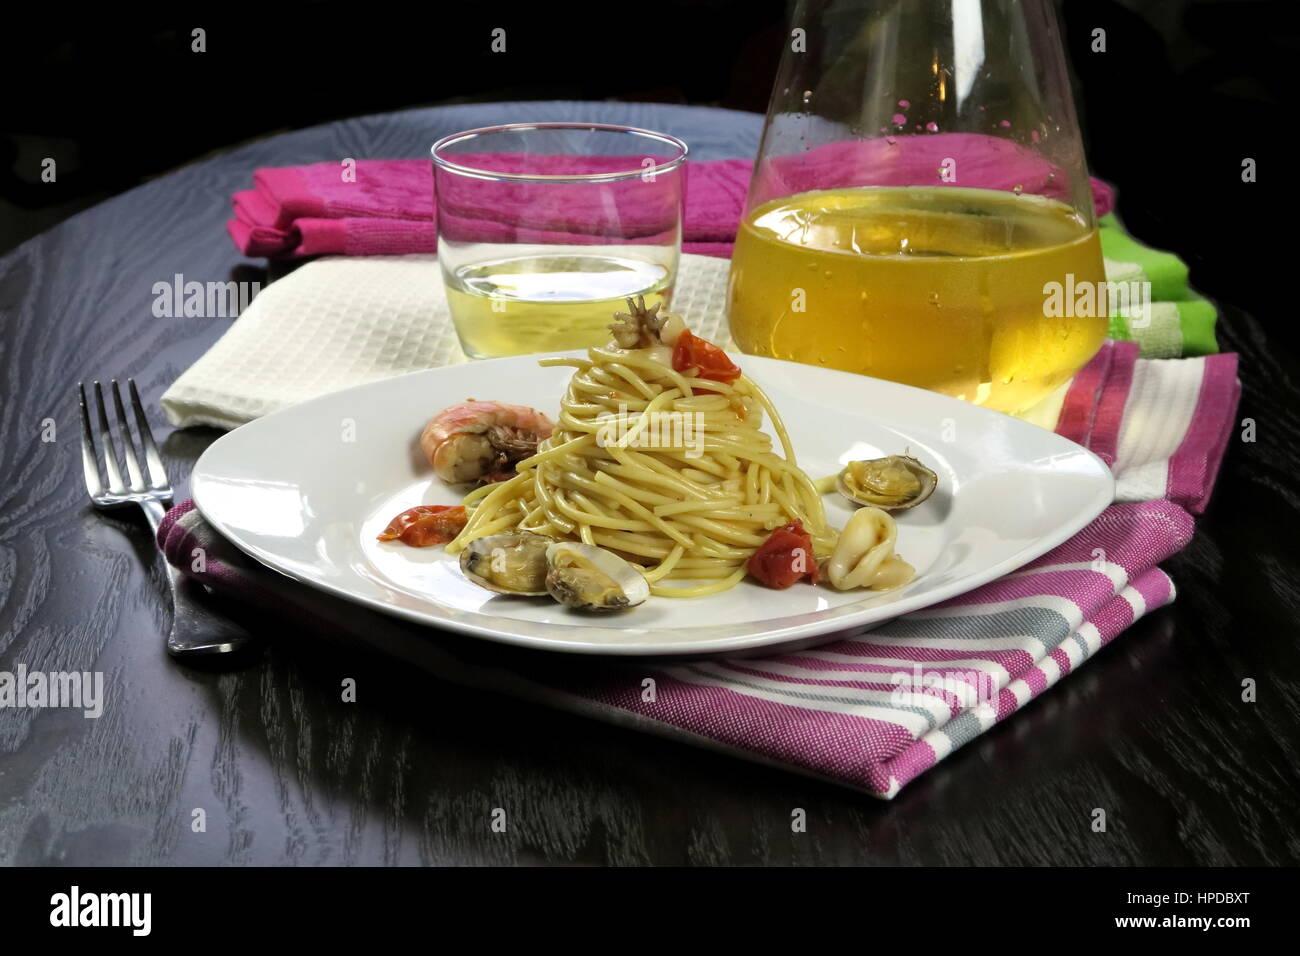 Piatti di pasta in bianco piatto su colorati panni da cucina e ...